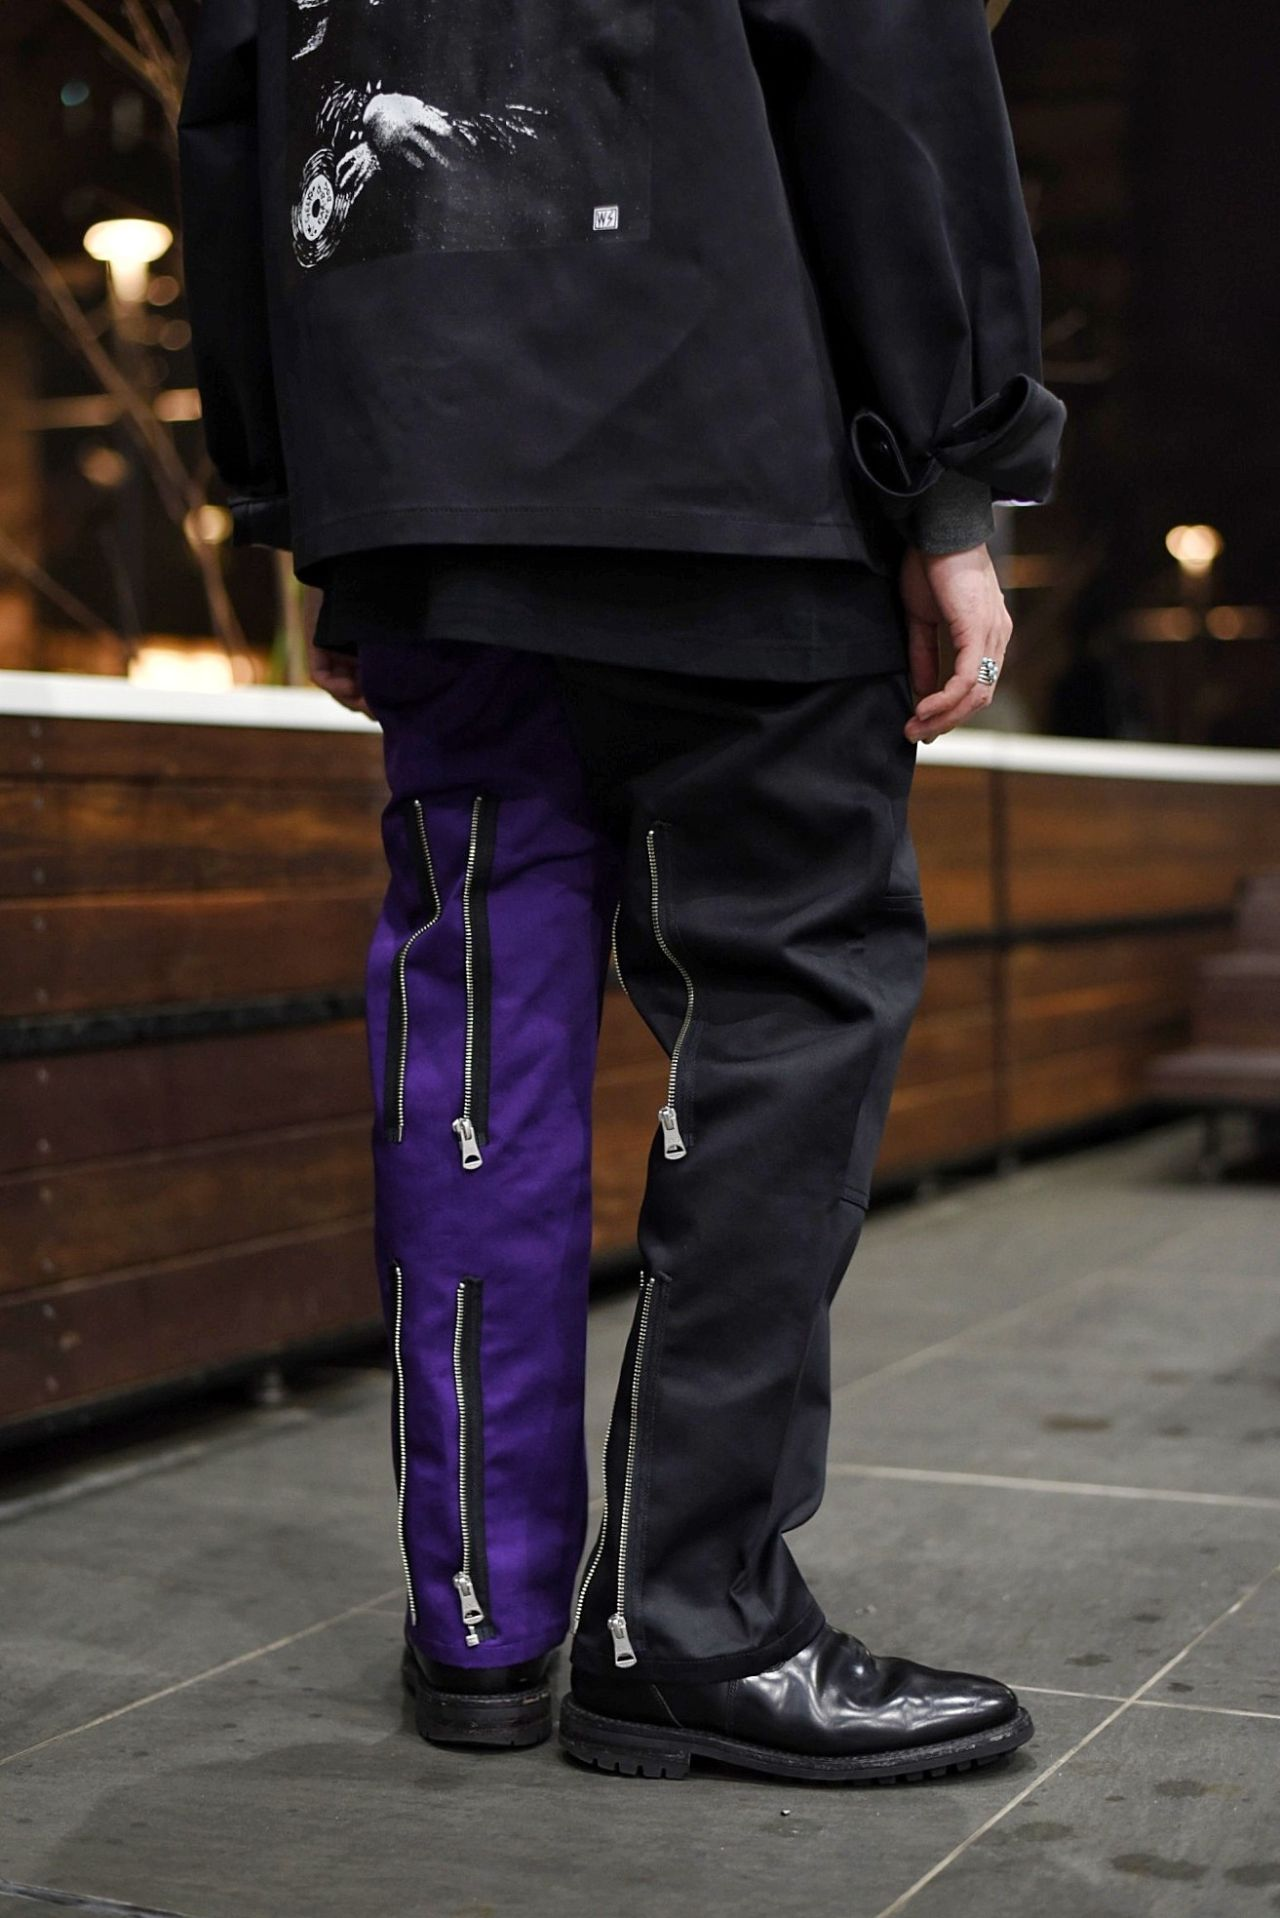 KIDILL / Bontage pantsの写真